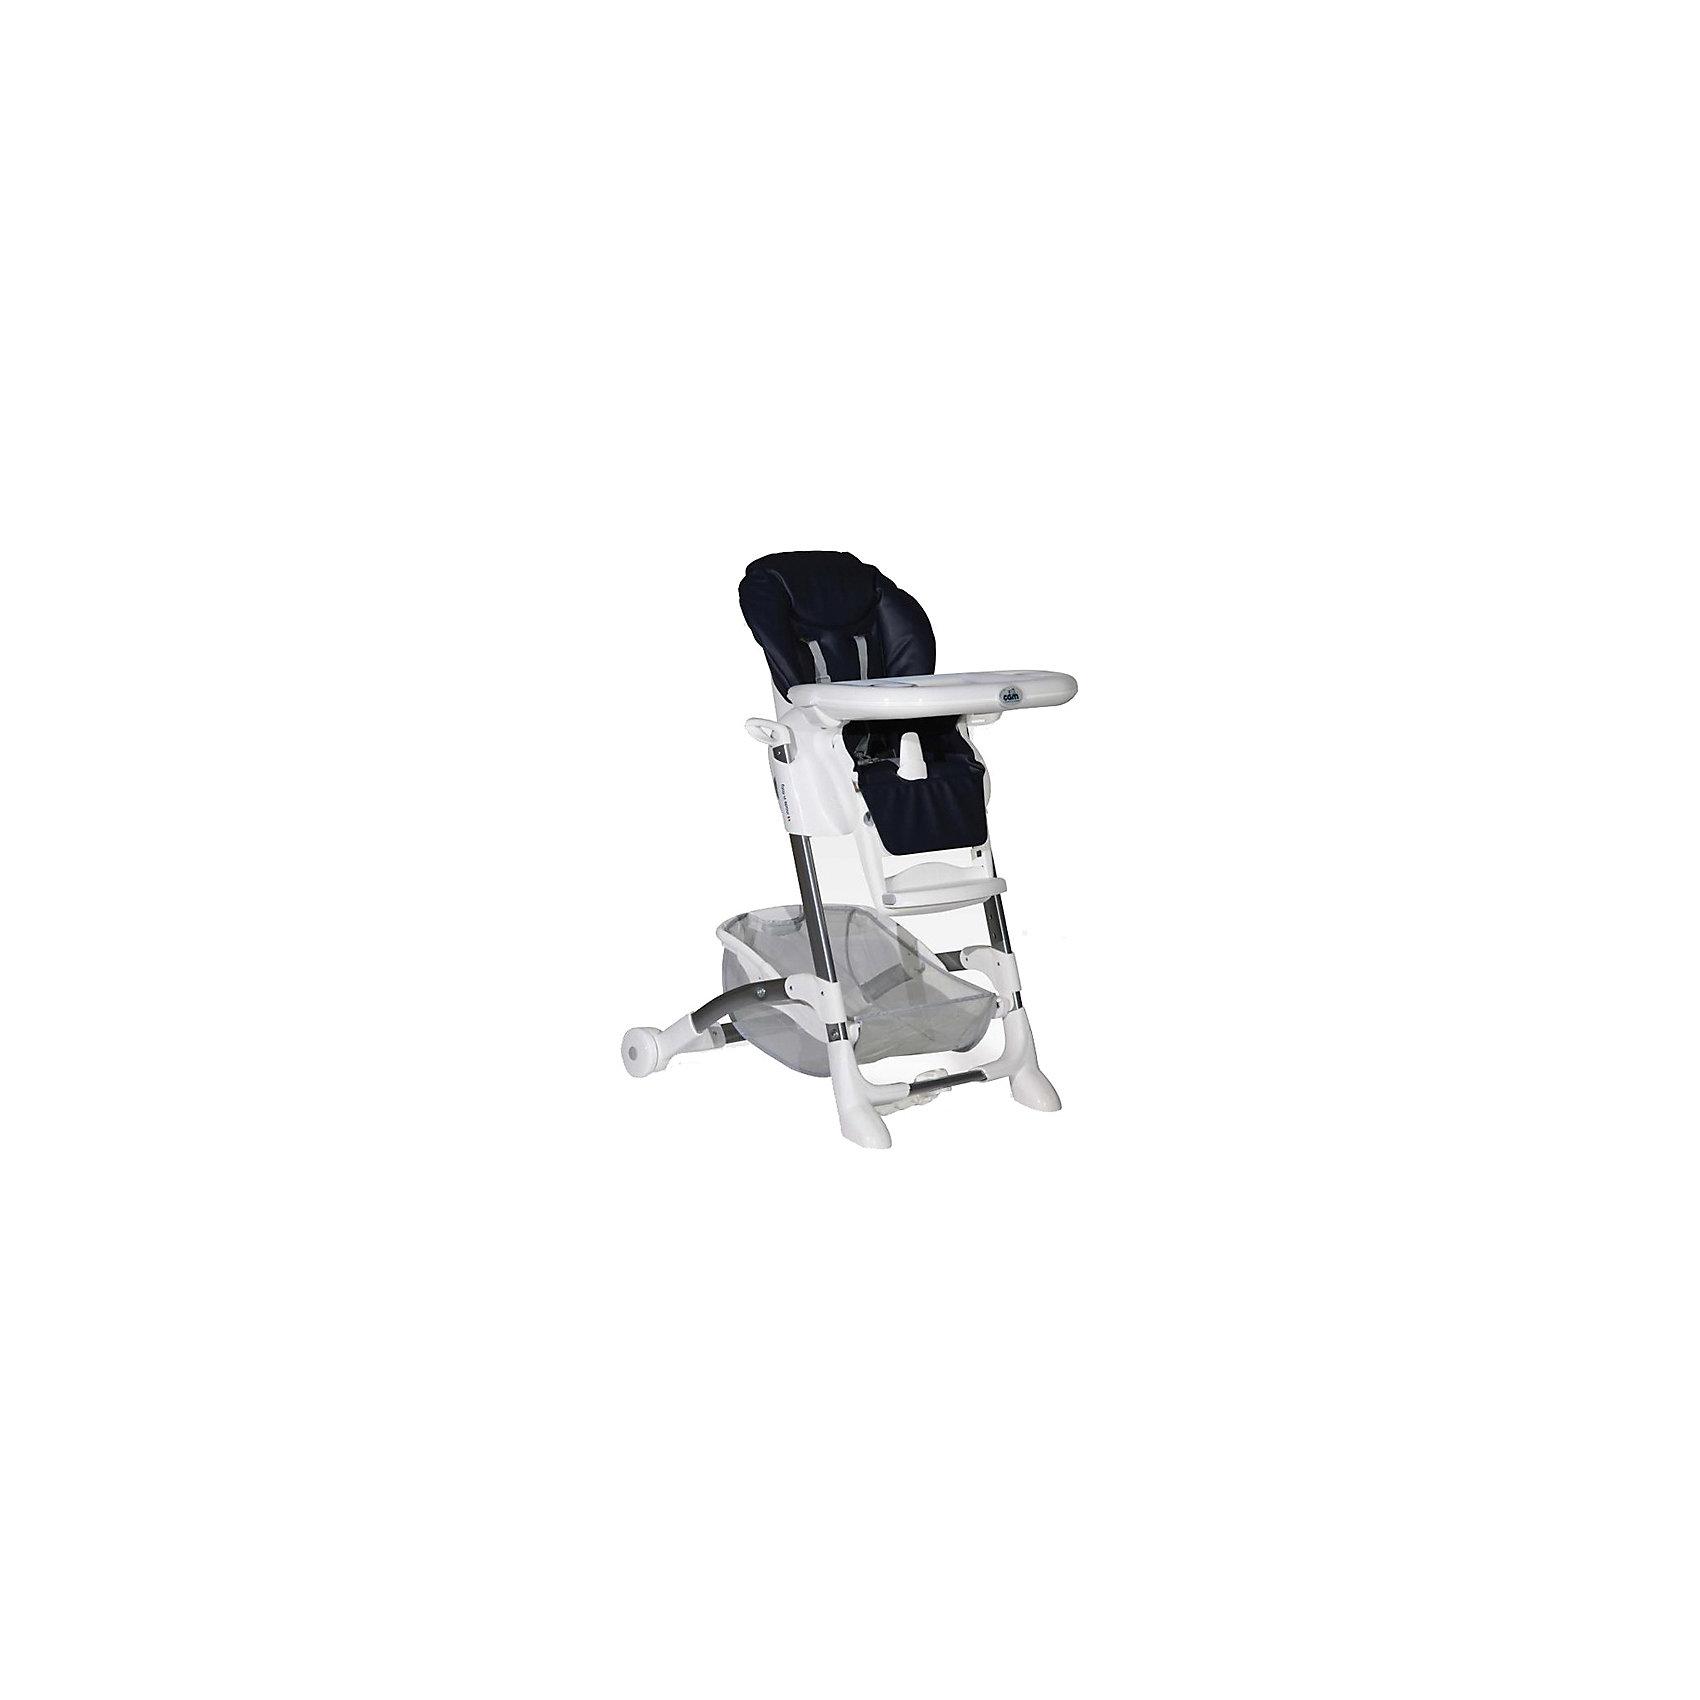 Стульчик для кормления Istante Basic, CAM, синийот рождения<br>Очень удобный и комфортный стульчик для кормления обязательно понравится малышам! Мягкое сиденье с регулируемой в пяти положениях спинкой, страховочными ремнями и удобным разделителем для ног обеспечит малышам комфорт и безопасность. Стульчик имеет колесики, облегчающие перемещение по квартире; удобную подставку для ножек ребенка; съемный стол можно мыть в посудомоечной машине. Обивка стула выполнена из мягкой эко-кожи, сам стул изготовлен из высококачественных прочных и экологичных материалов. Передняя часть рамы снабжена нескользящими ножками, которые обеспечивают дополнительную безопасность. Под сиденьем располагается большая корзина для игрушек и вещей. <br><br>Дополнительная информация:<br><br>- Материал: пластик, металл, <br>- Размер: 80x56x105 см.<br>- Колесики.<br>- Вместительная корзина внизу. <br>- Нескользящие ножки.<br>- Регулируемый наклон спинки (5 положений, до положения лежа).<br>- Компактно складывается.<br>- Съемный стол (можно мыть в посудомоечной машине).<br>- Регулировка по высоте в 5 положениях. <br>- Регулируемая подножка.<br>- 5-ти точечные ремни безопасности.<br>- Чехол из эко-кожи, протирается губкой. <br><br>Стульчик для кормления Istante Basic, CAM, синий, можно купить в нашем магазине.<br><br>Ширина мм: 587<br>Глубина мм: 272<br>Высота мм: 970<br>Вес г: 12500<br>Возраст от месяцев: 0<br>Возраст до месяцев: 36<br>Пол: Унисекс<br>Возраст: Детский<br>SKU: 4443753